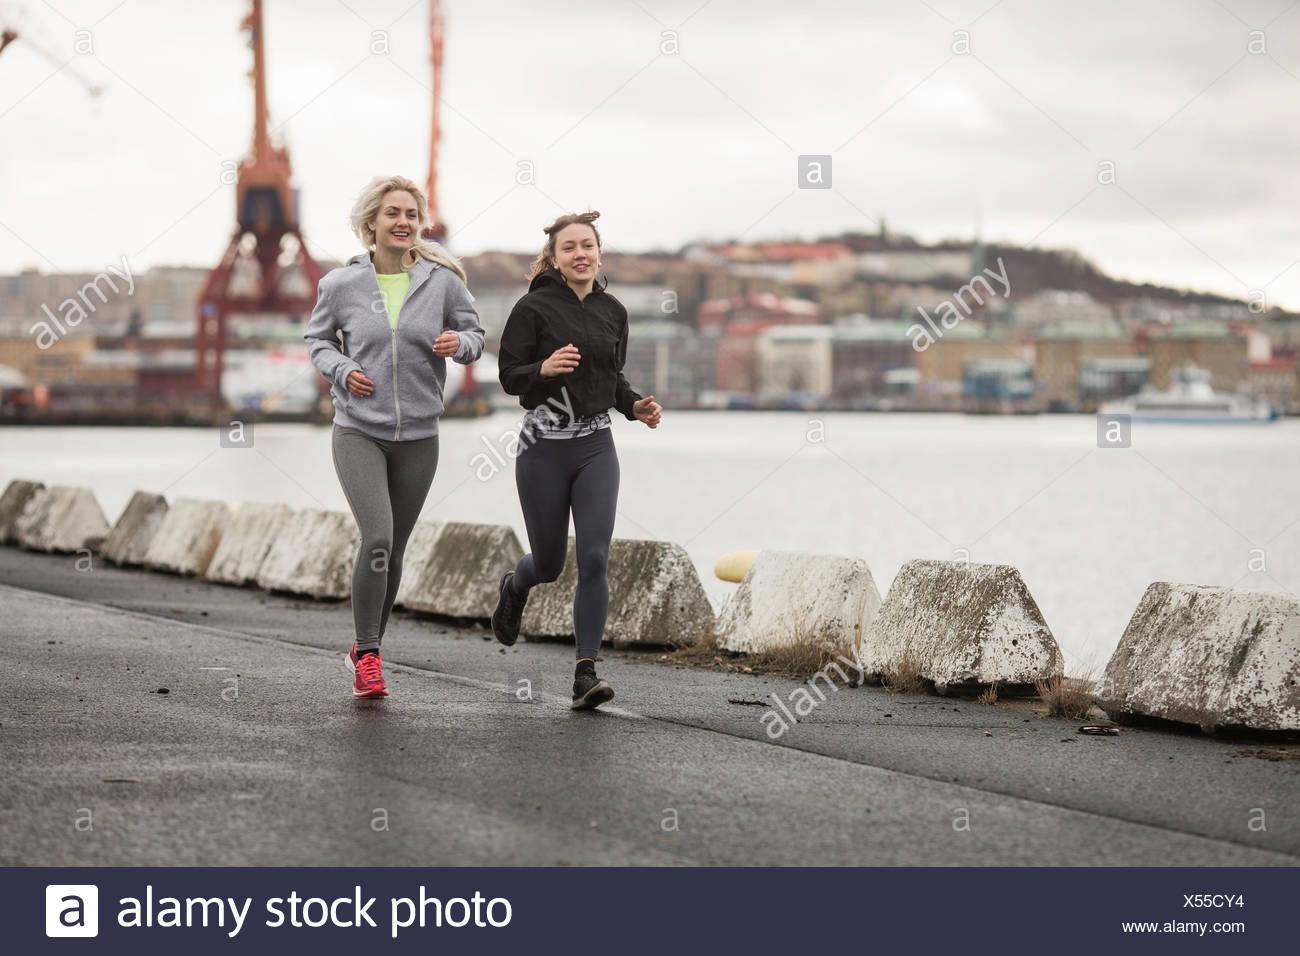 Two female runner friends running along dockside - Stock Image